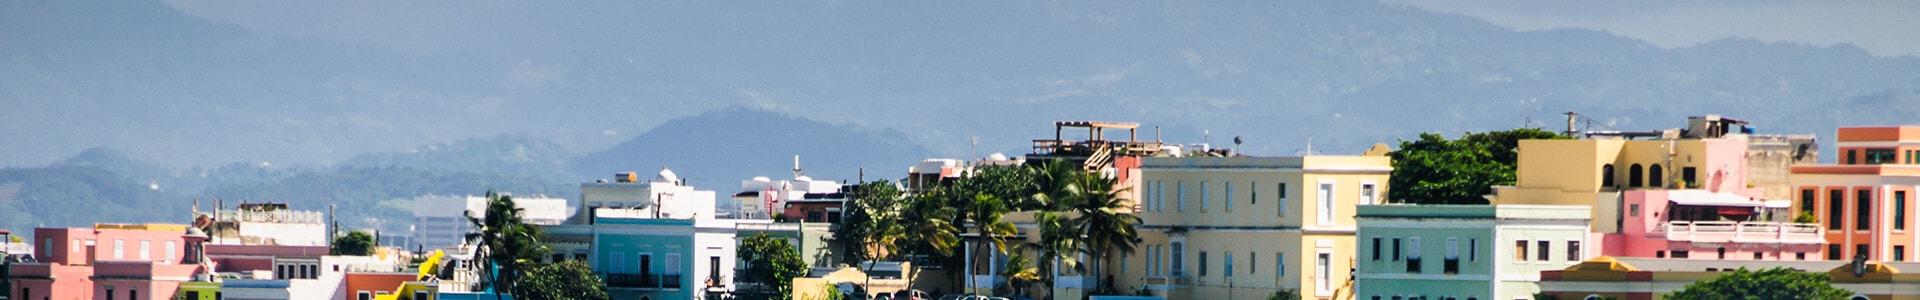 Voyage à Puerto Rico - TUI